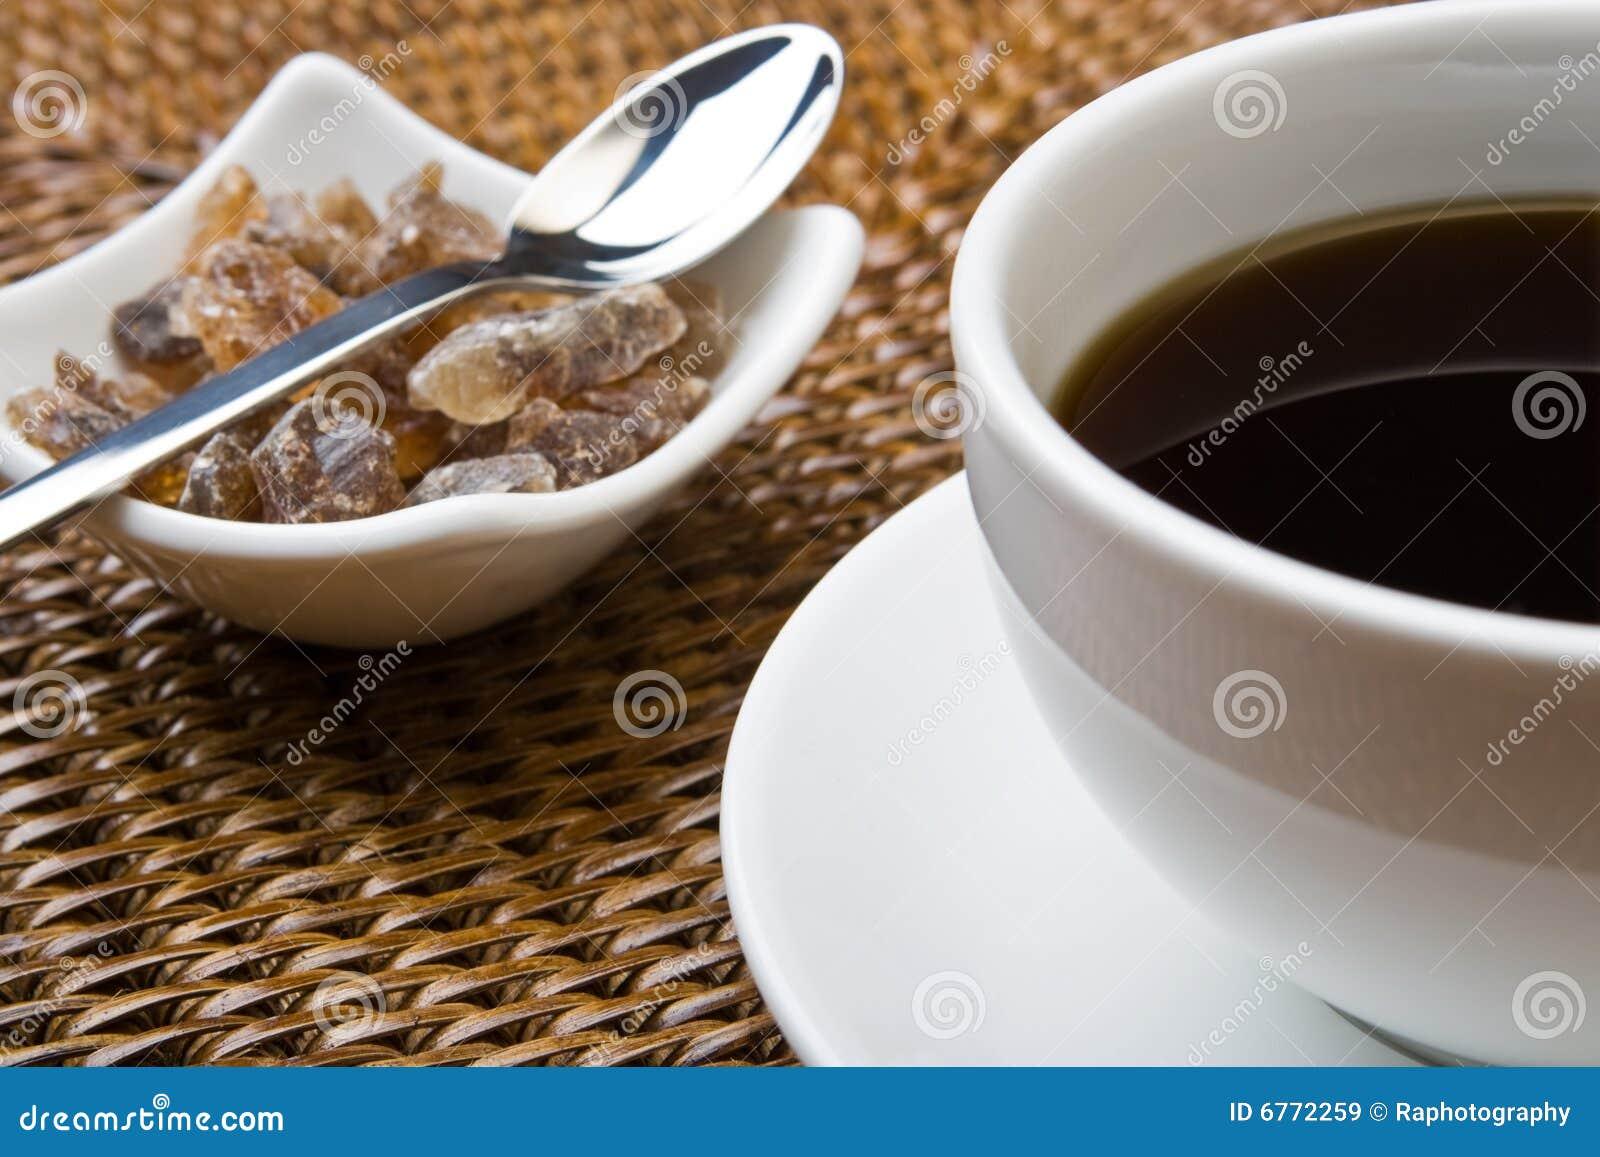 caf-noir-et-sucre-6772259